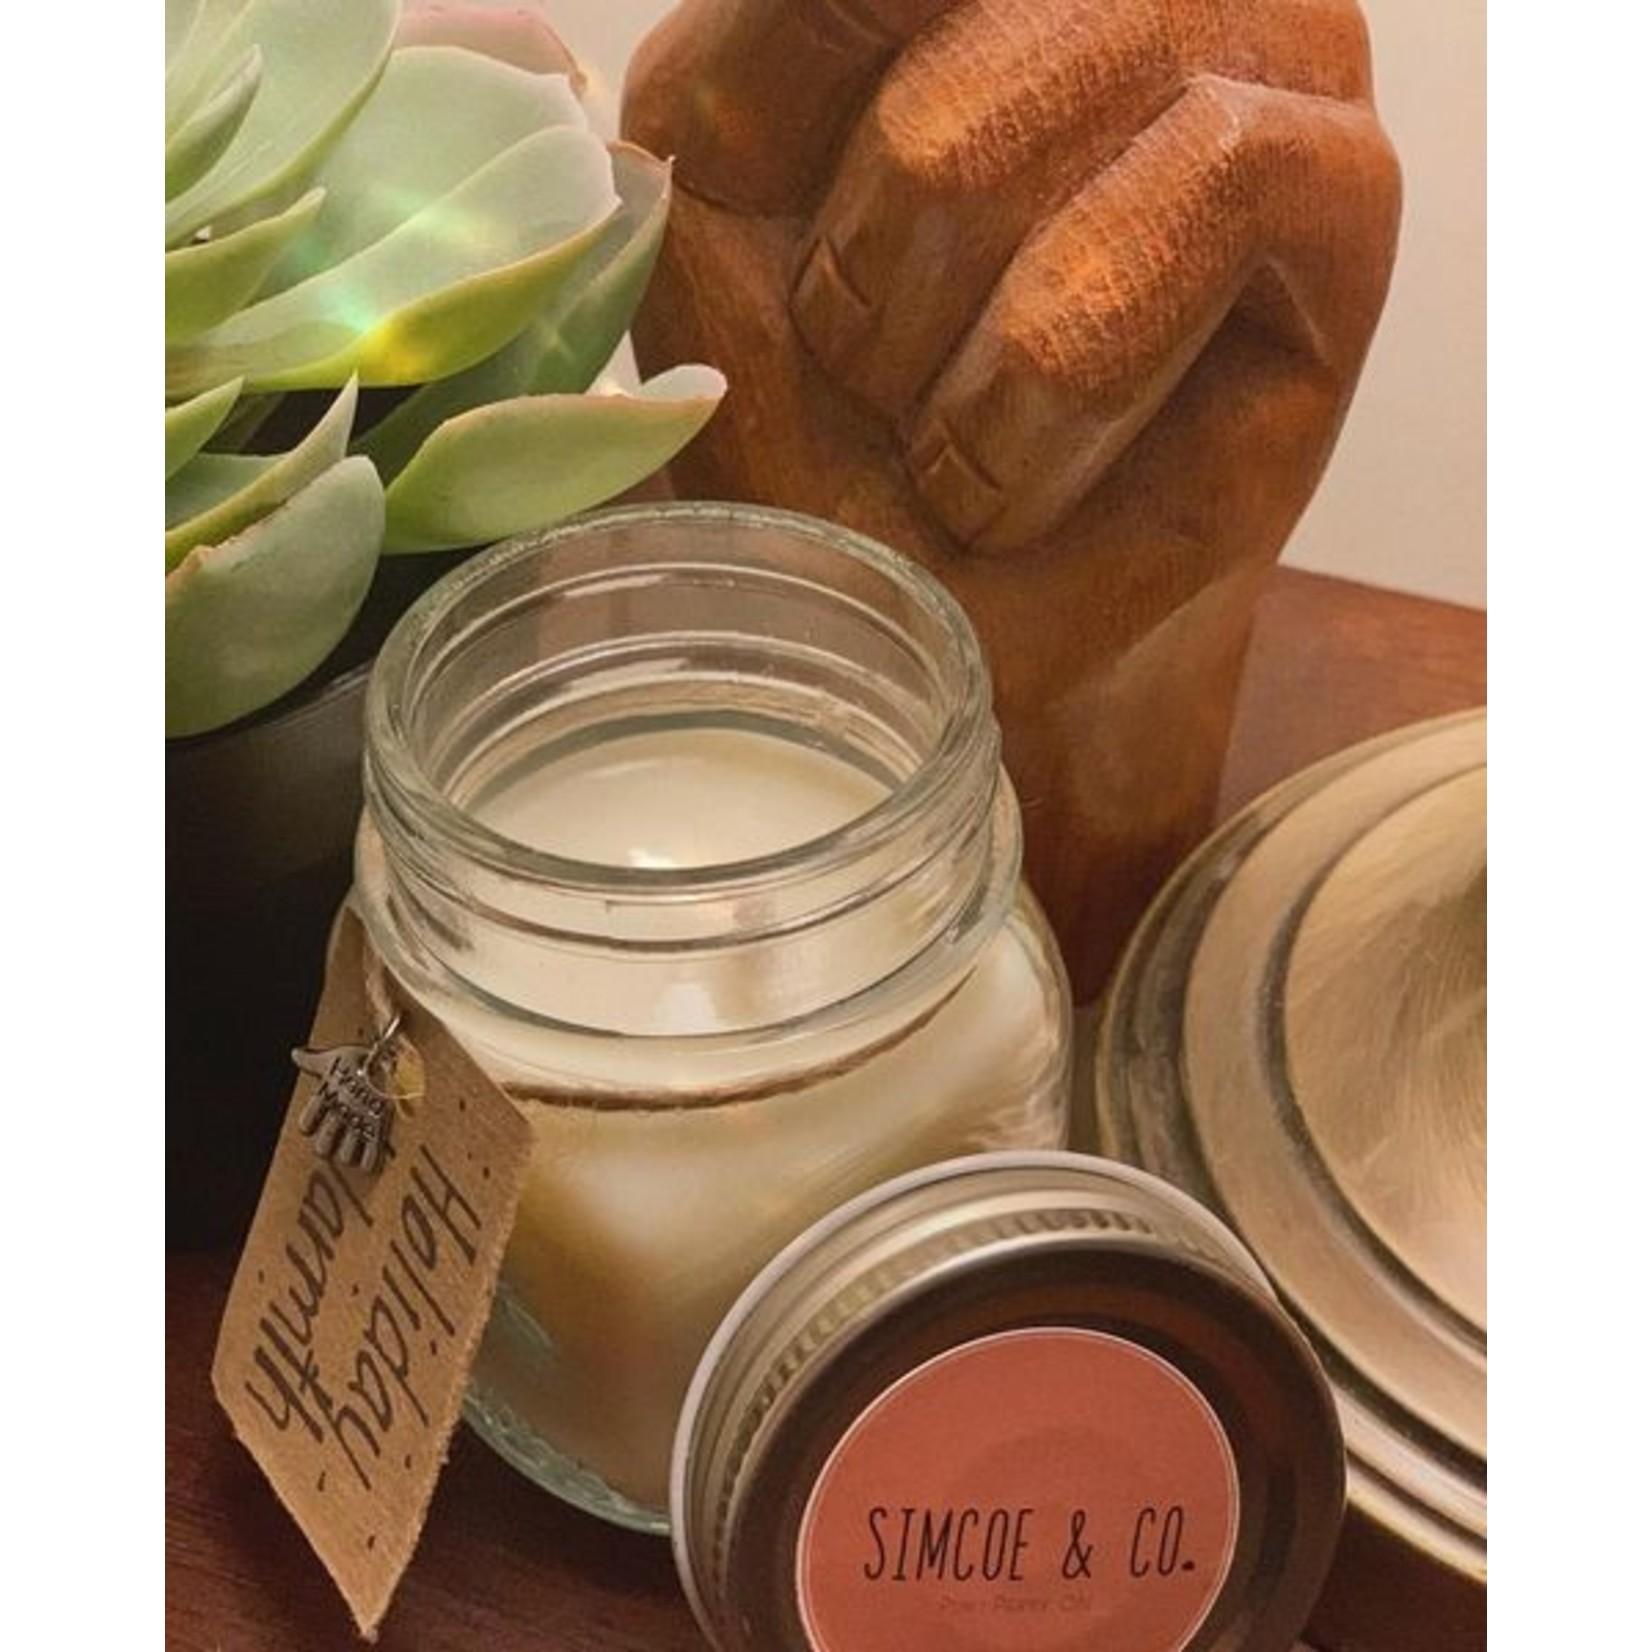 Simcoe & Co. Candles